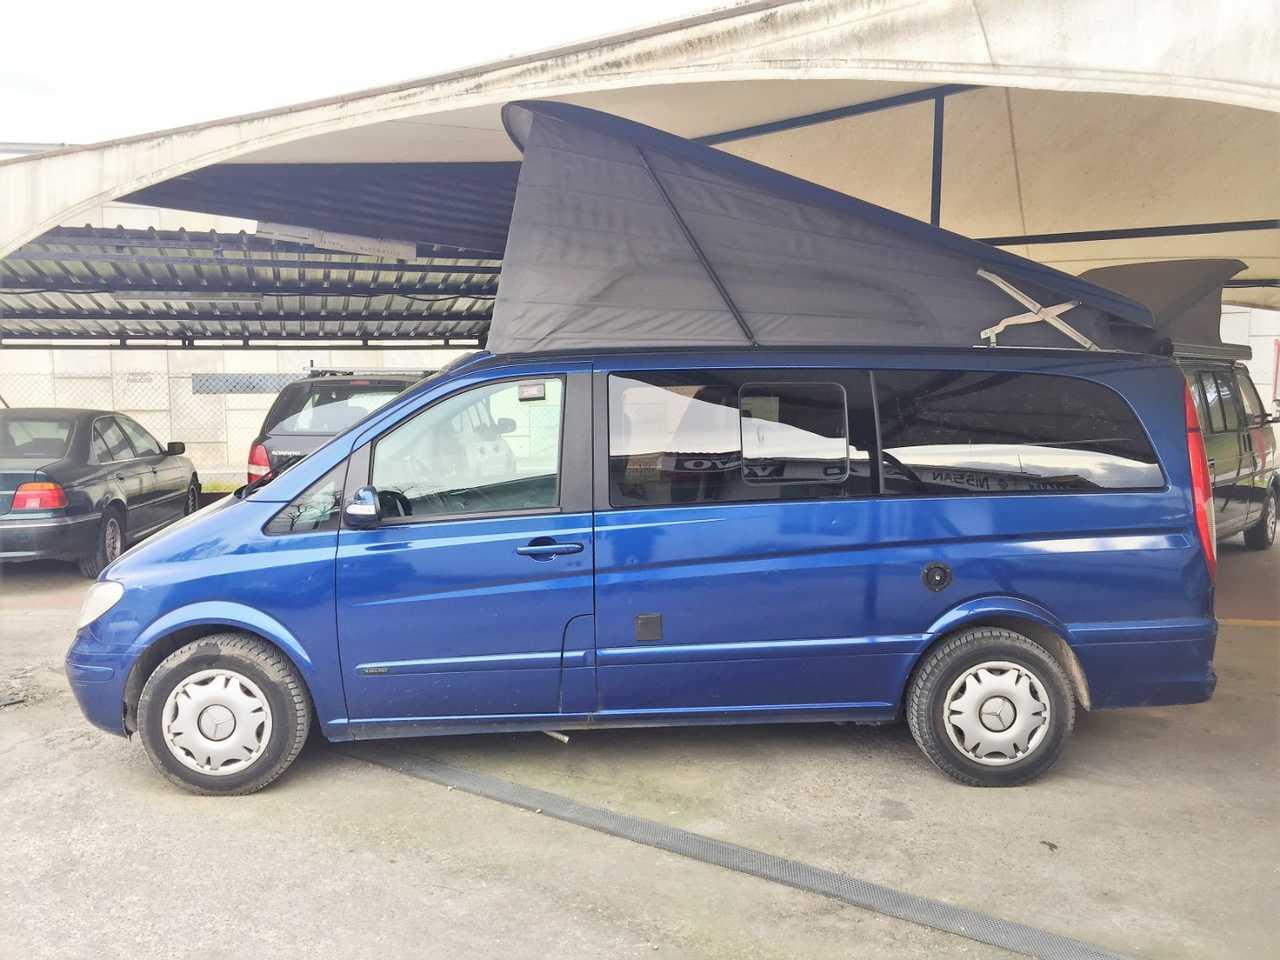 Mercedes Viano CDI 2.2  MARCO POLO   - Foto 1